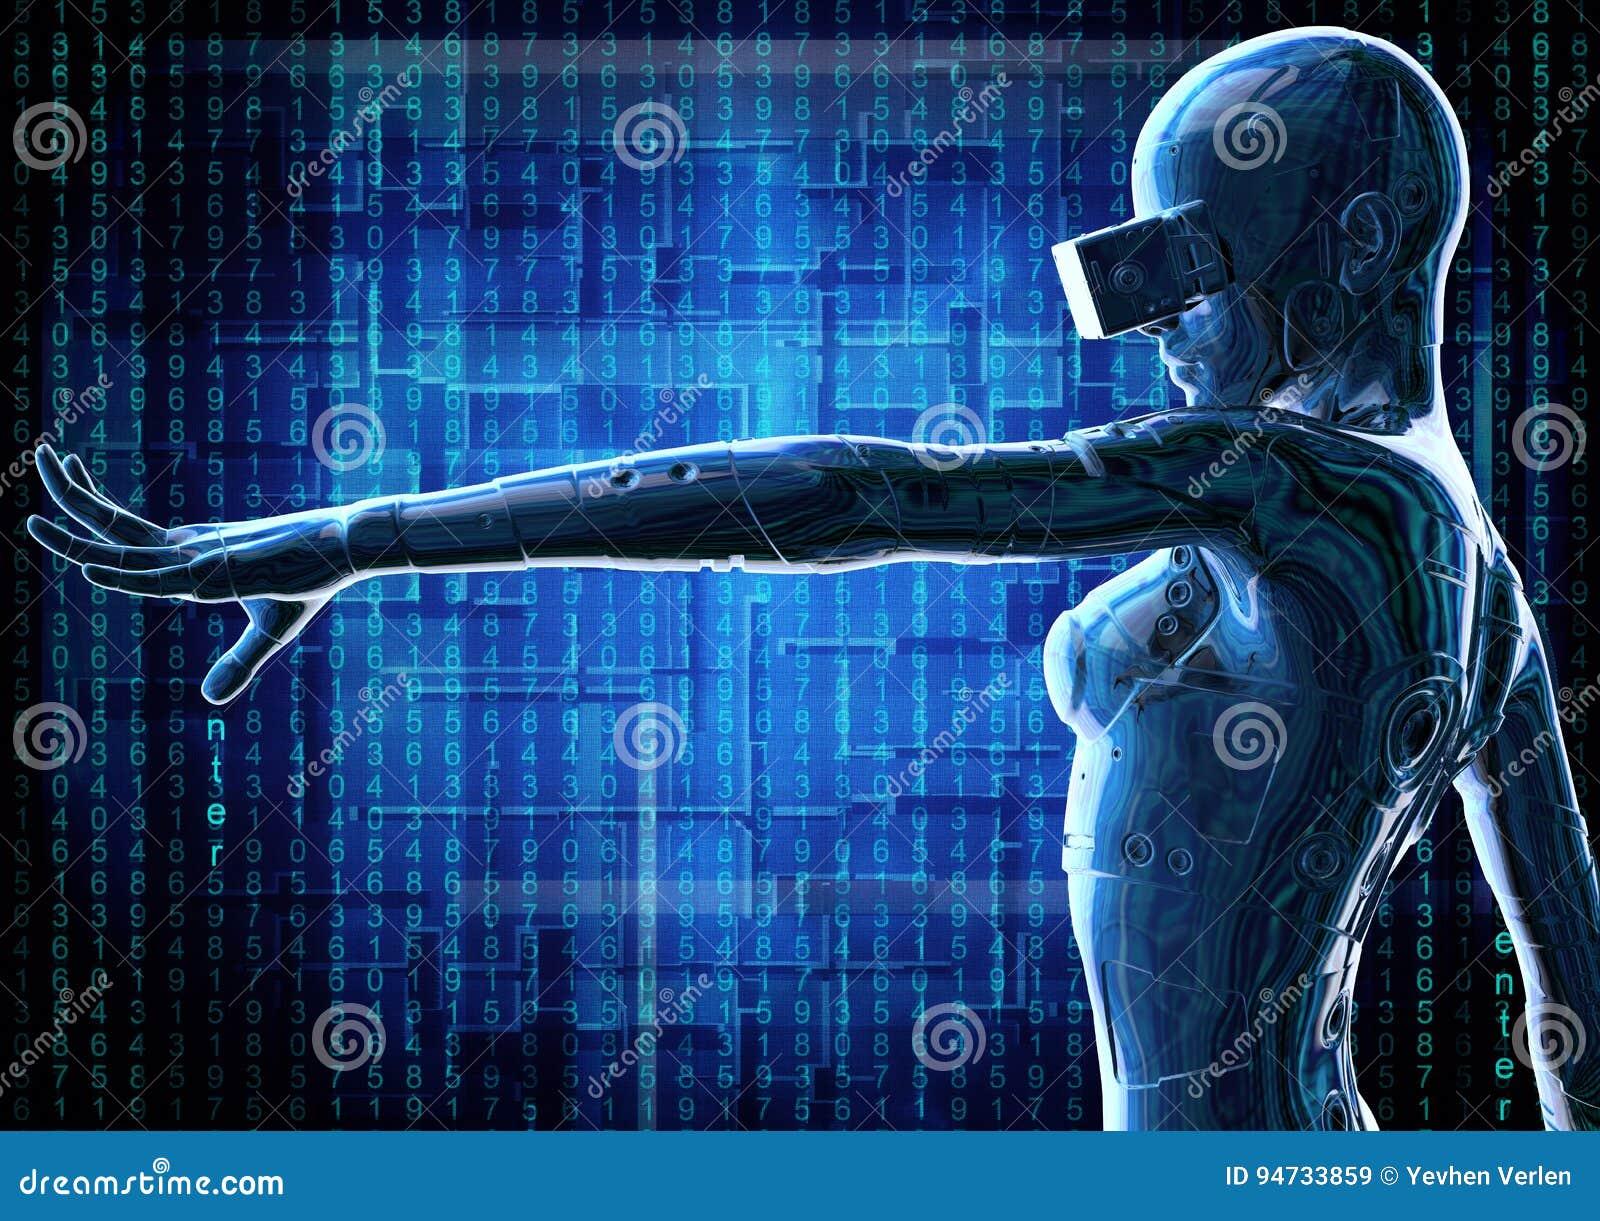 Стильный chromeplated киборг женщина иллюстрация 3d